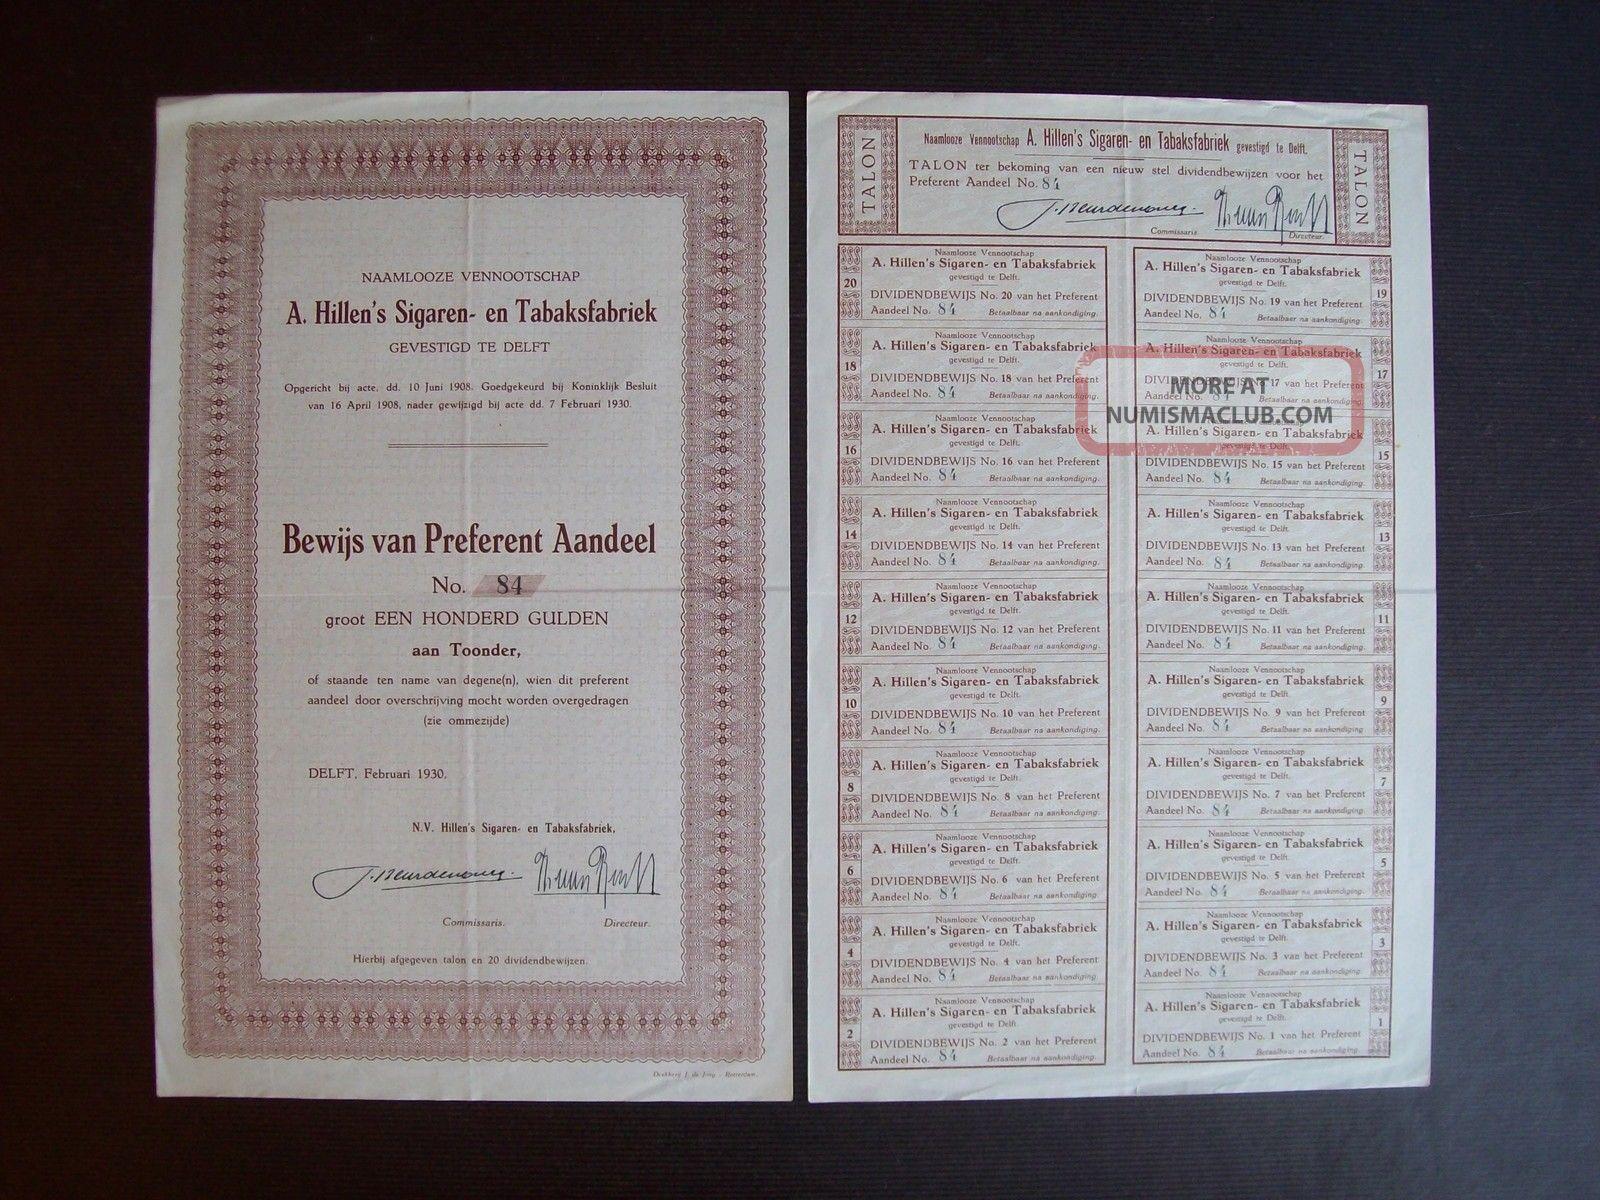 Netherlands 1930 Bond Certificate A.  Hillen ' S Sigaren Tabakfabriek Delft.  A9791 World photo